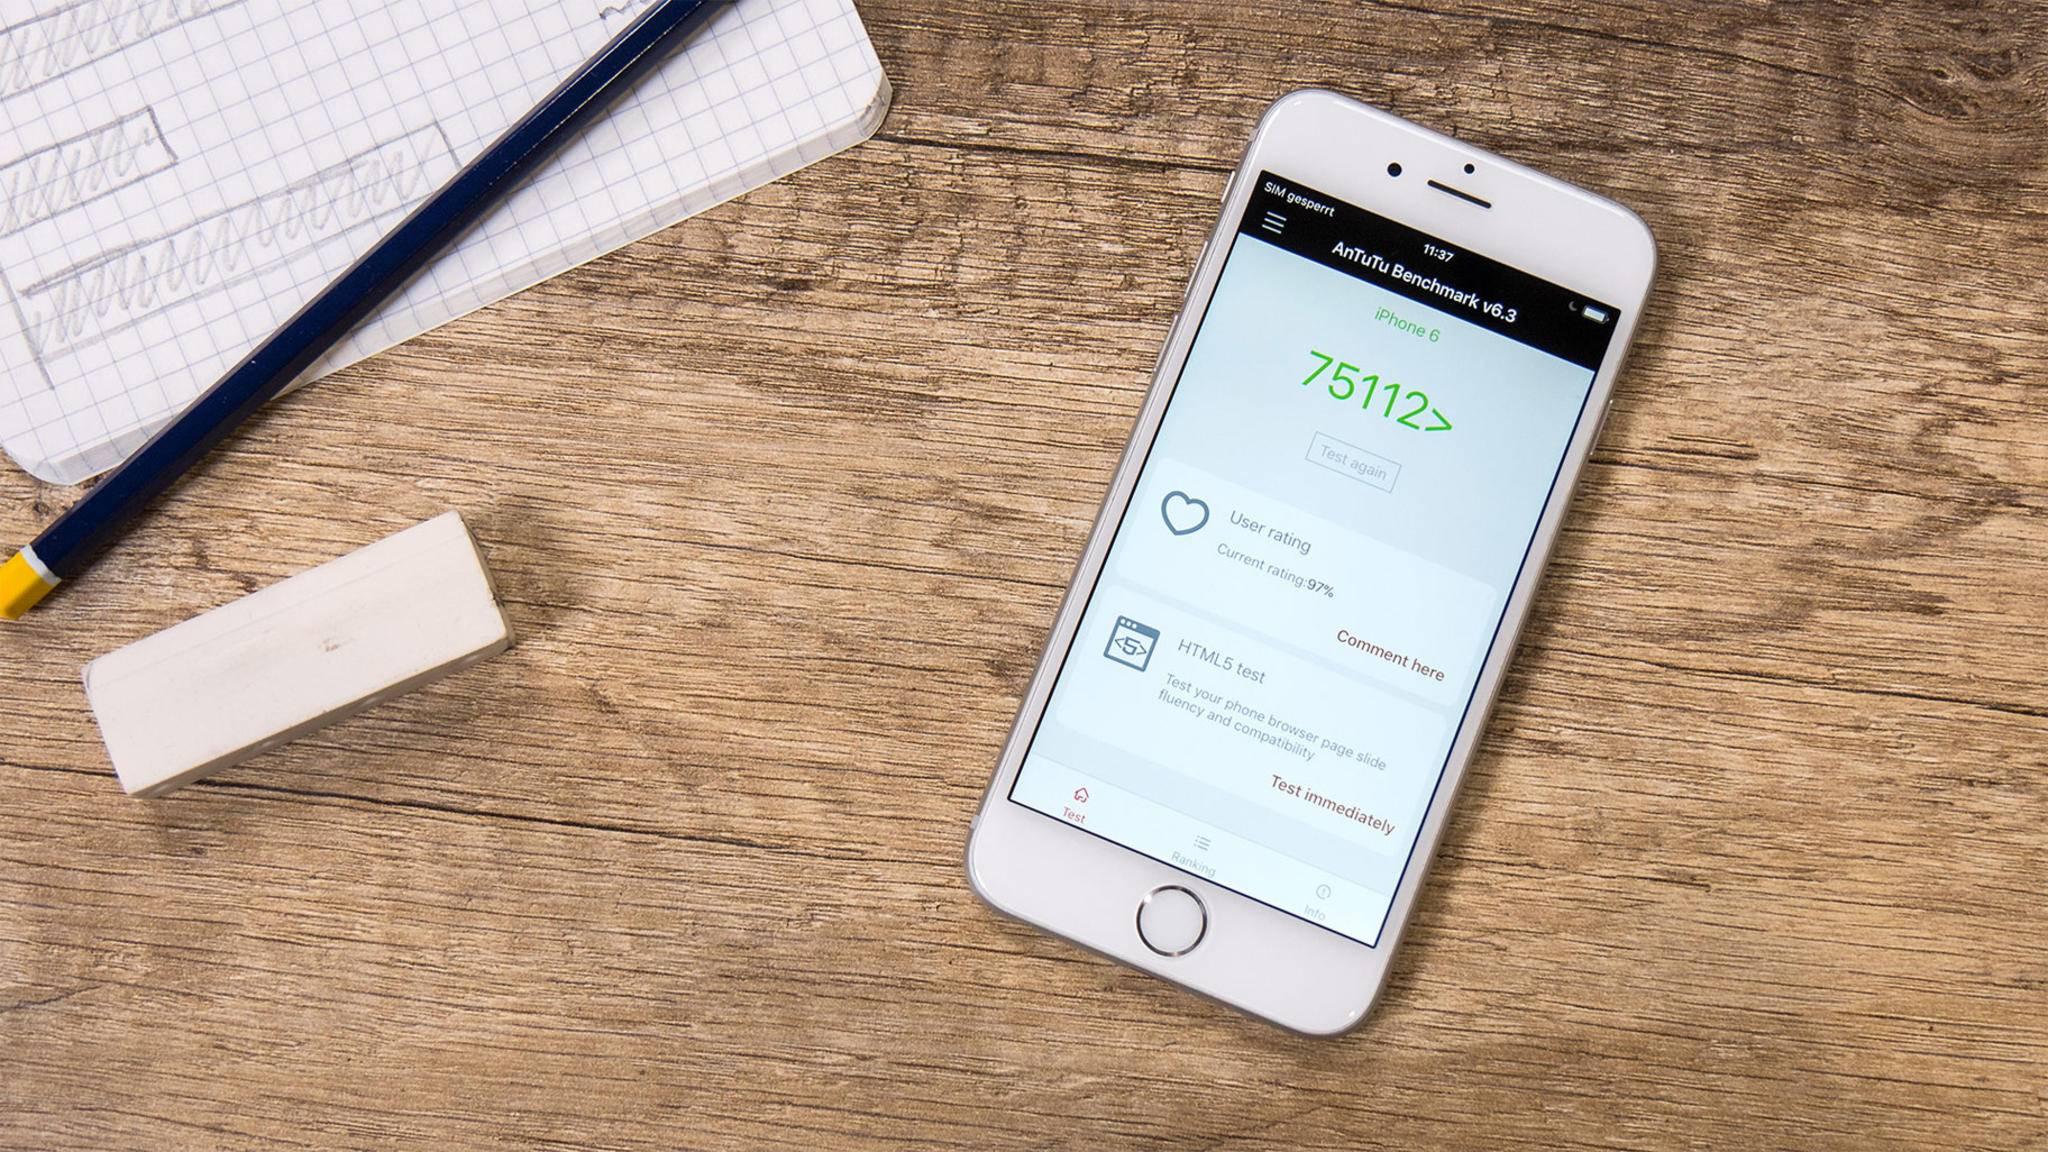 Redakteur Alex hat den Akku seines iPhone 6 für 29 Euro bei Apple tauschen lassen.